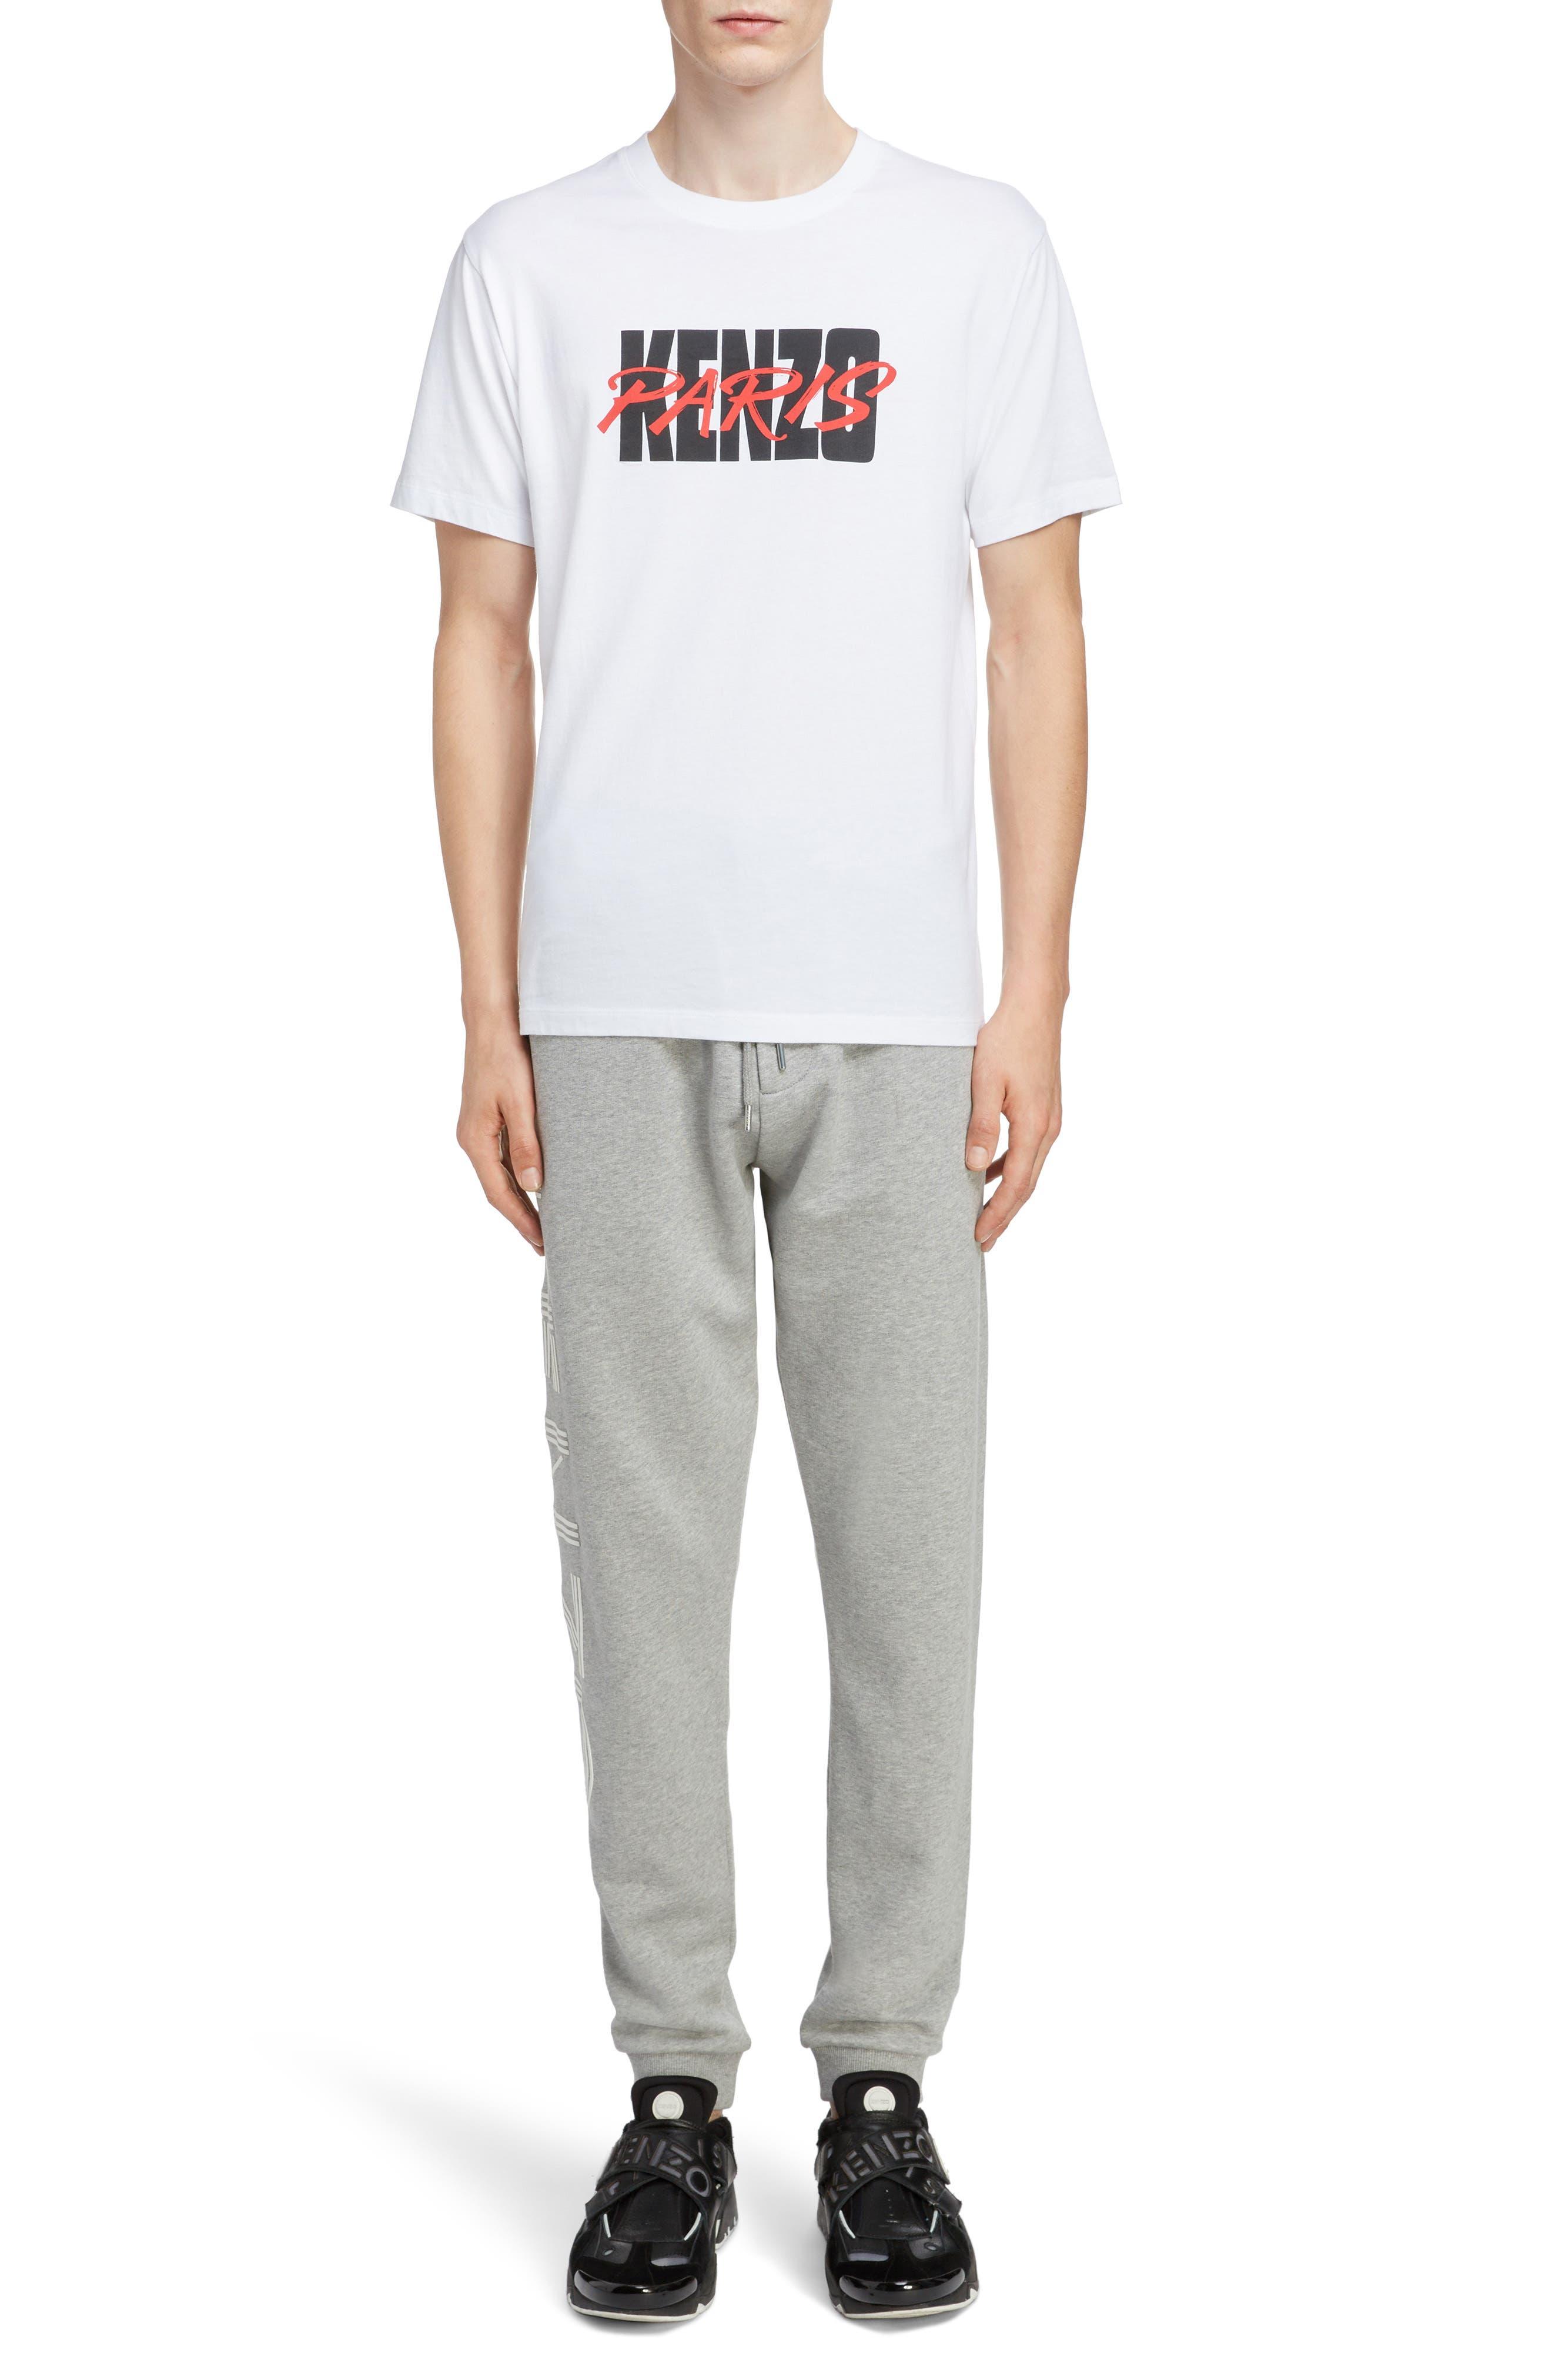 KENZO,                             Classic Fit Logo T-Shirt,                             Alternate thumbnail 6, color,                             WHITE